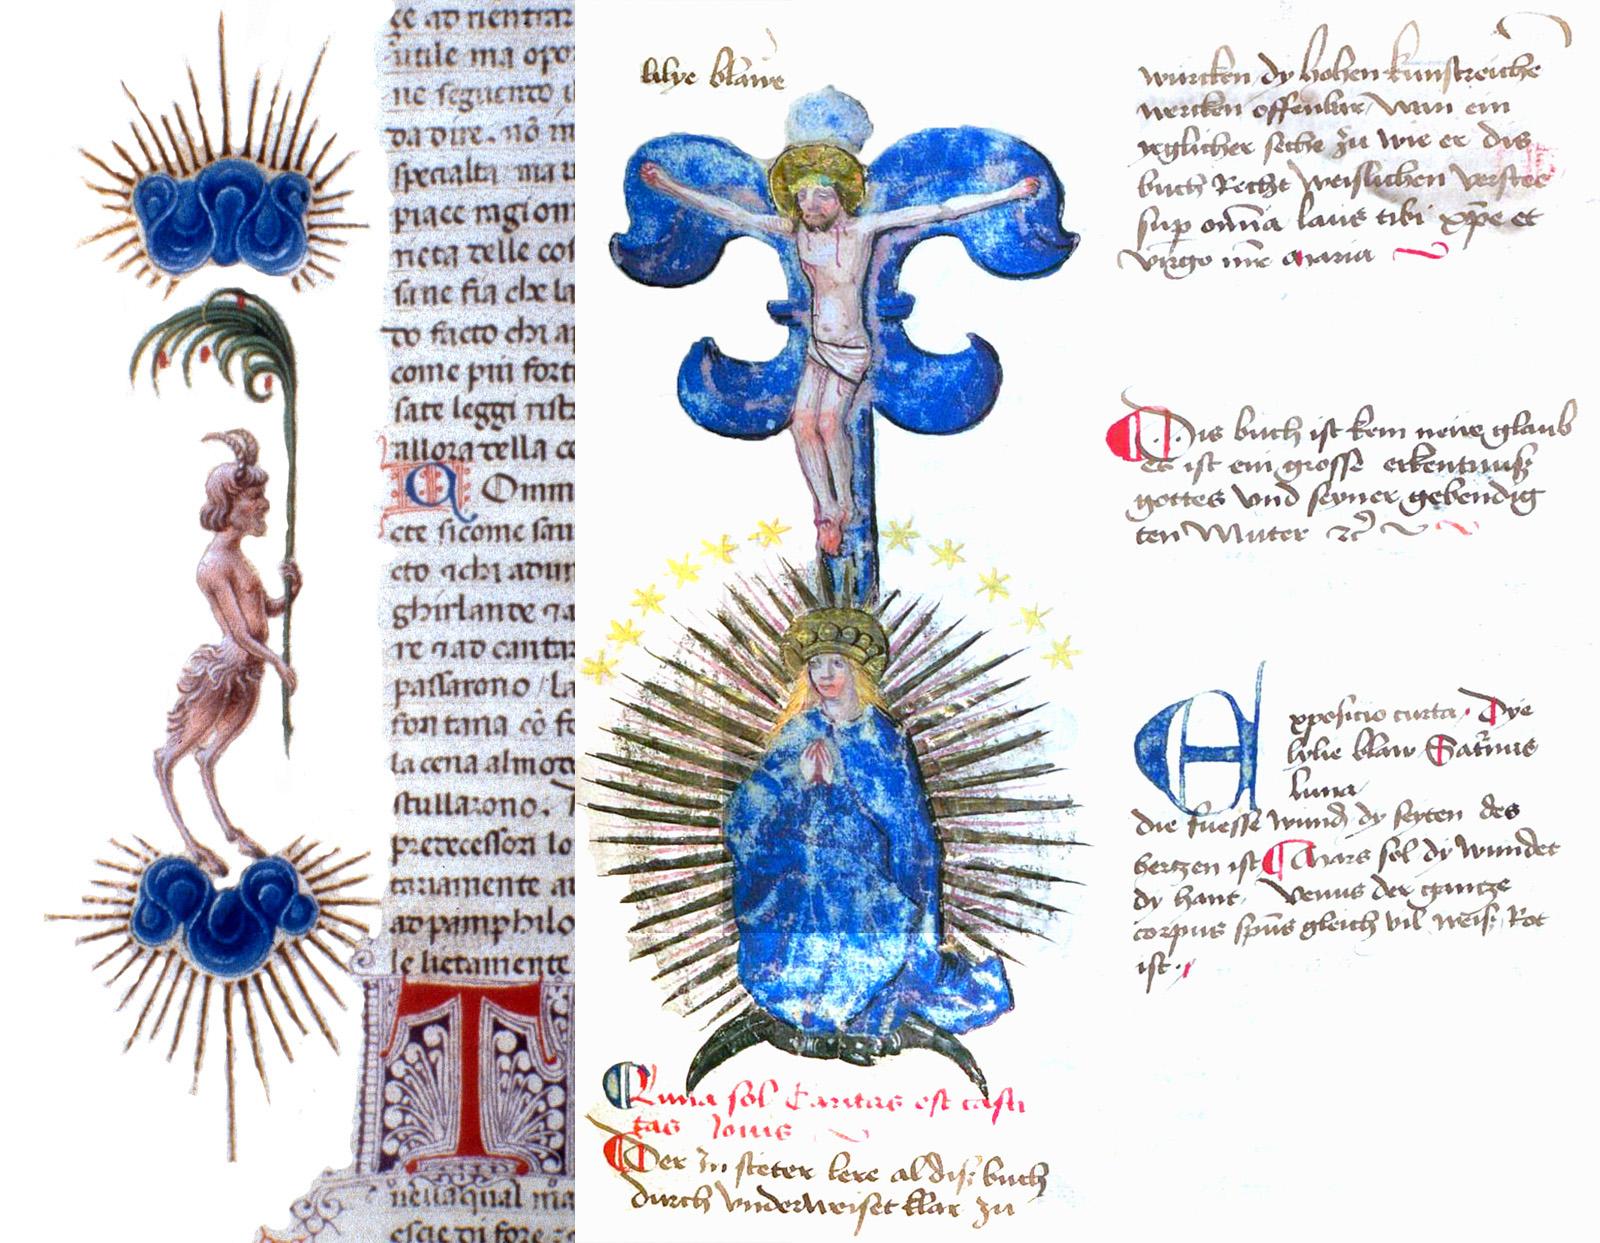 Книги из библиотеки Челио Кальканини